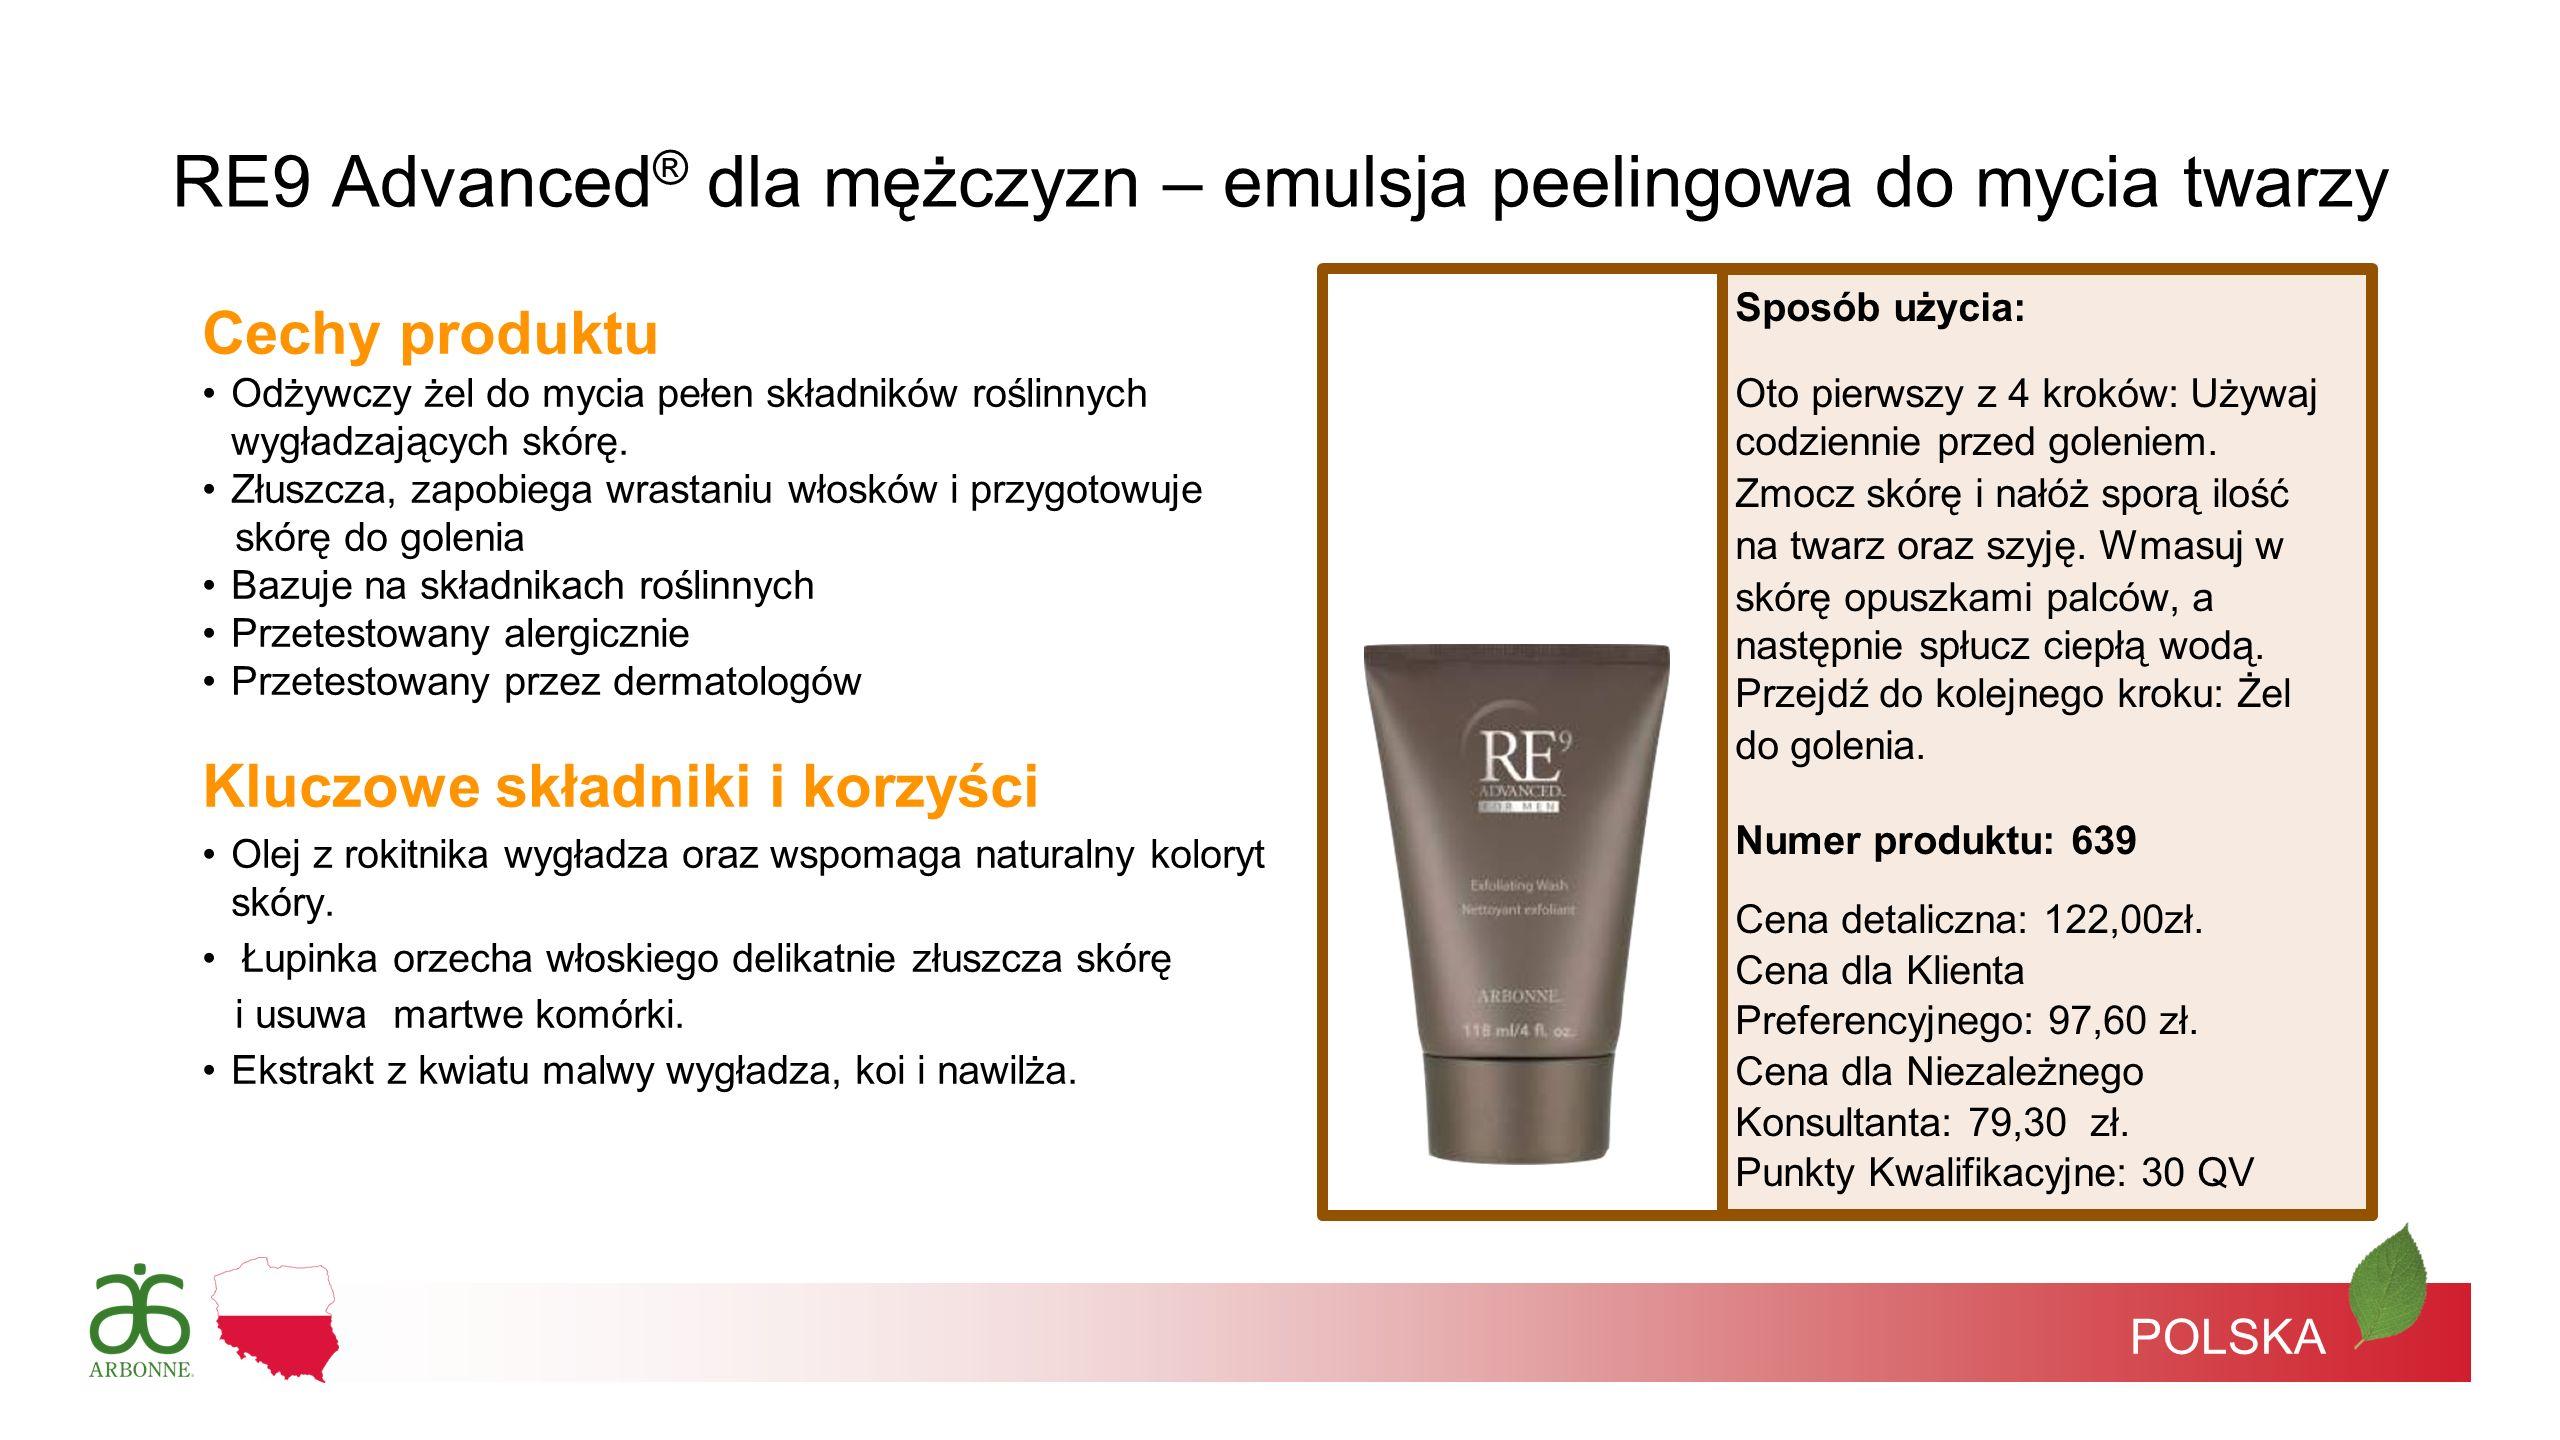 RE9 Advanced® dla mężczyzn – emulsja peelingowa do mycia twarzy